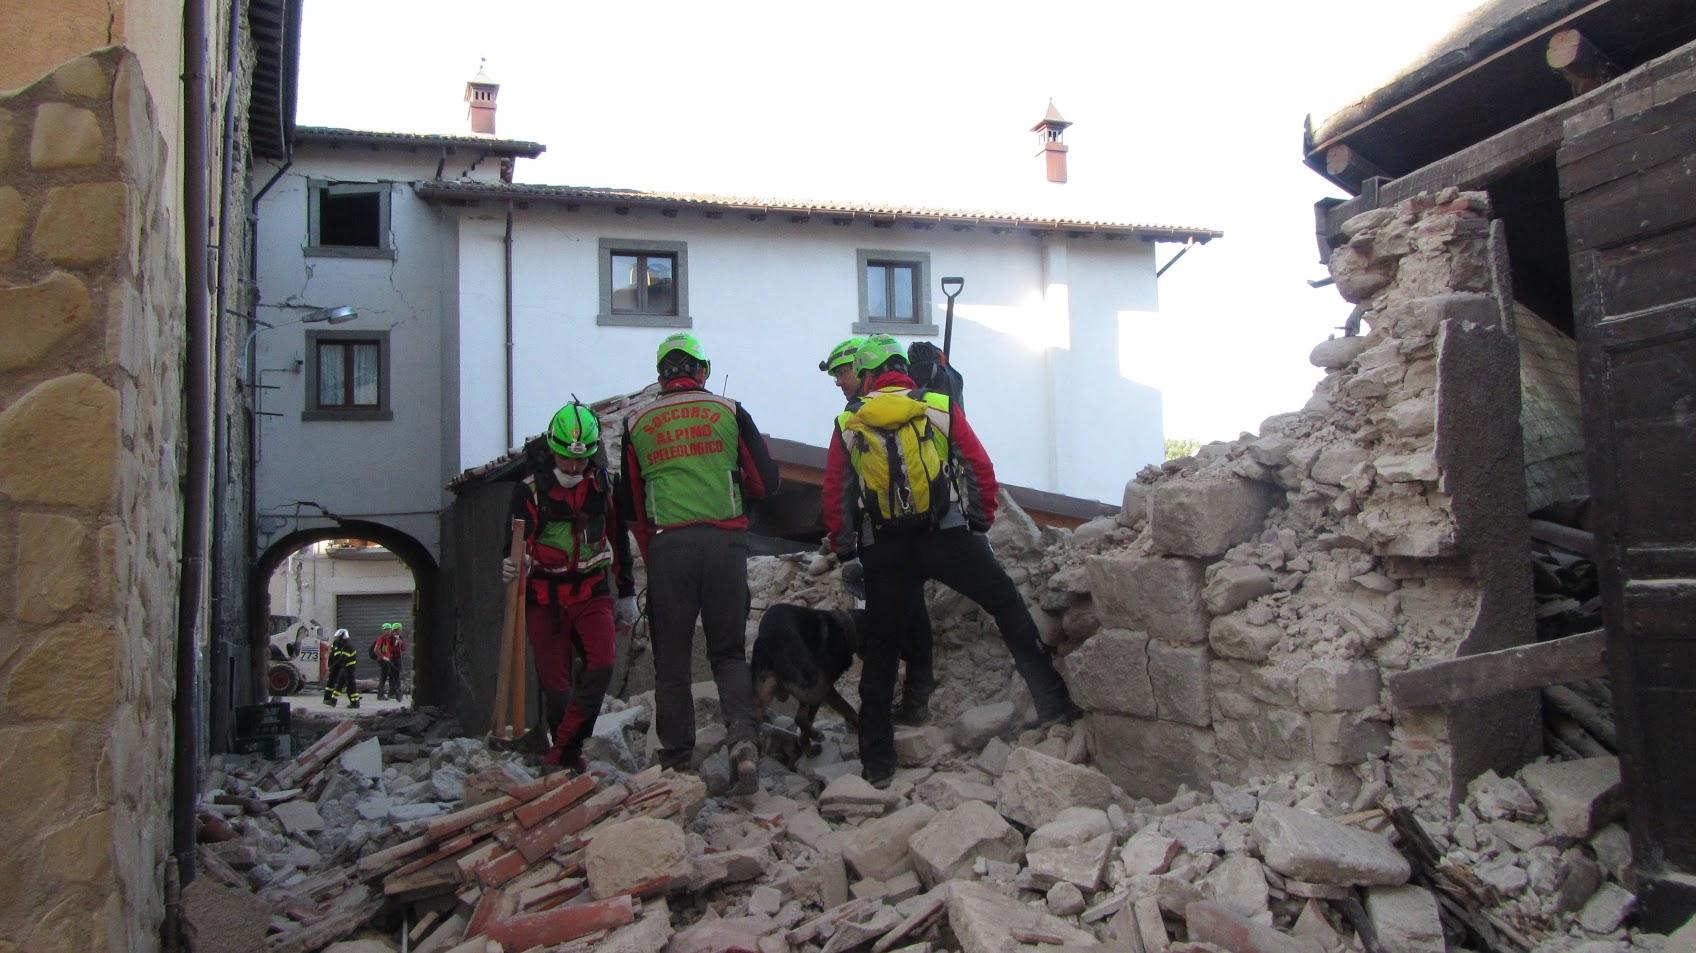 La Protezione Civile ha raccolto 12 milioni di euro per ricostruire. Ecco perché continuare a donare con un semplice SMS